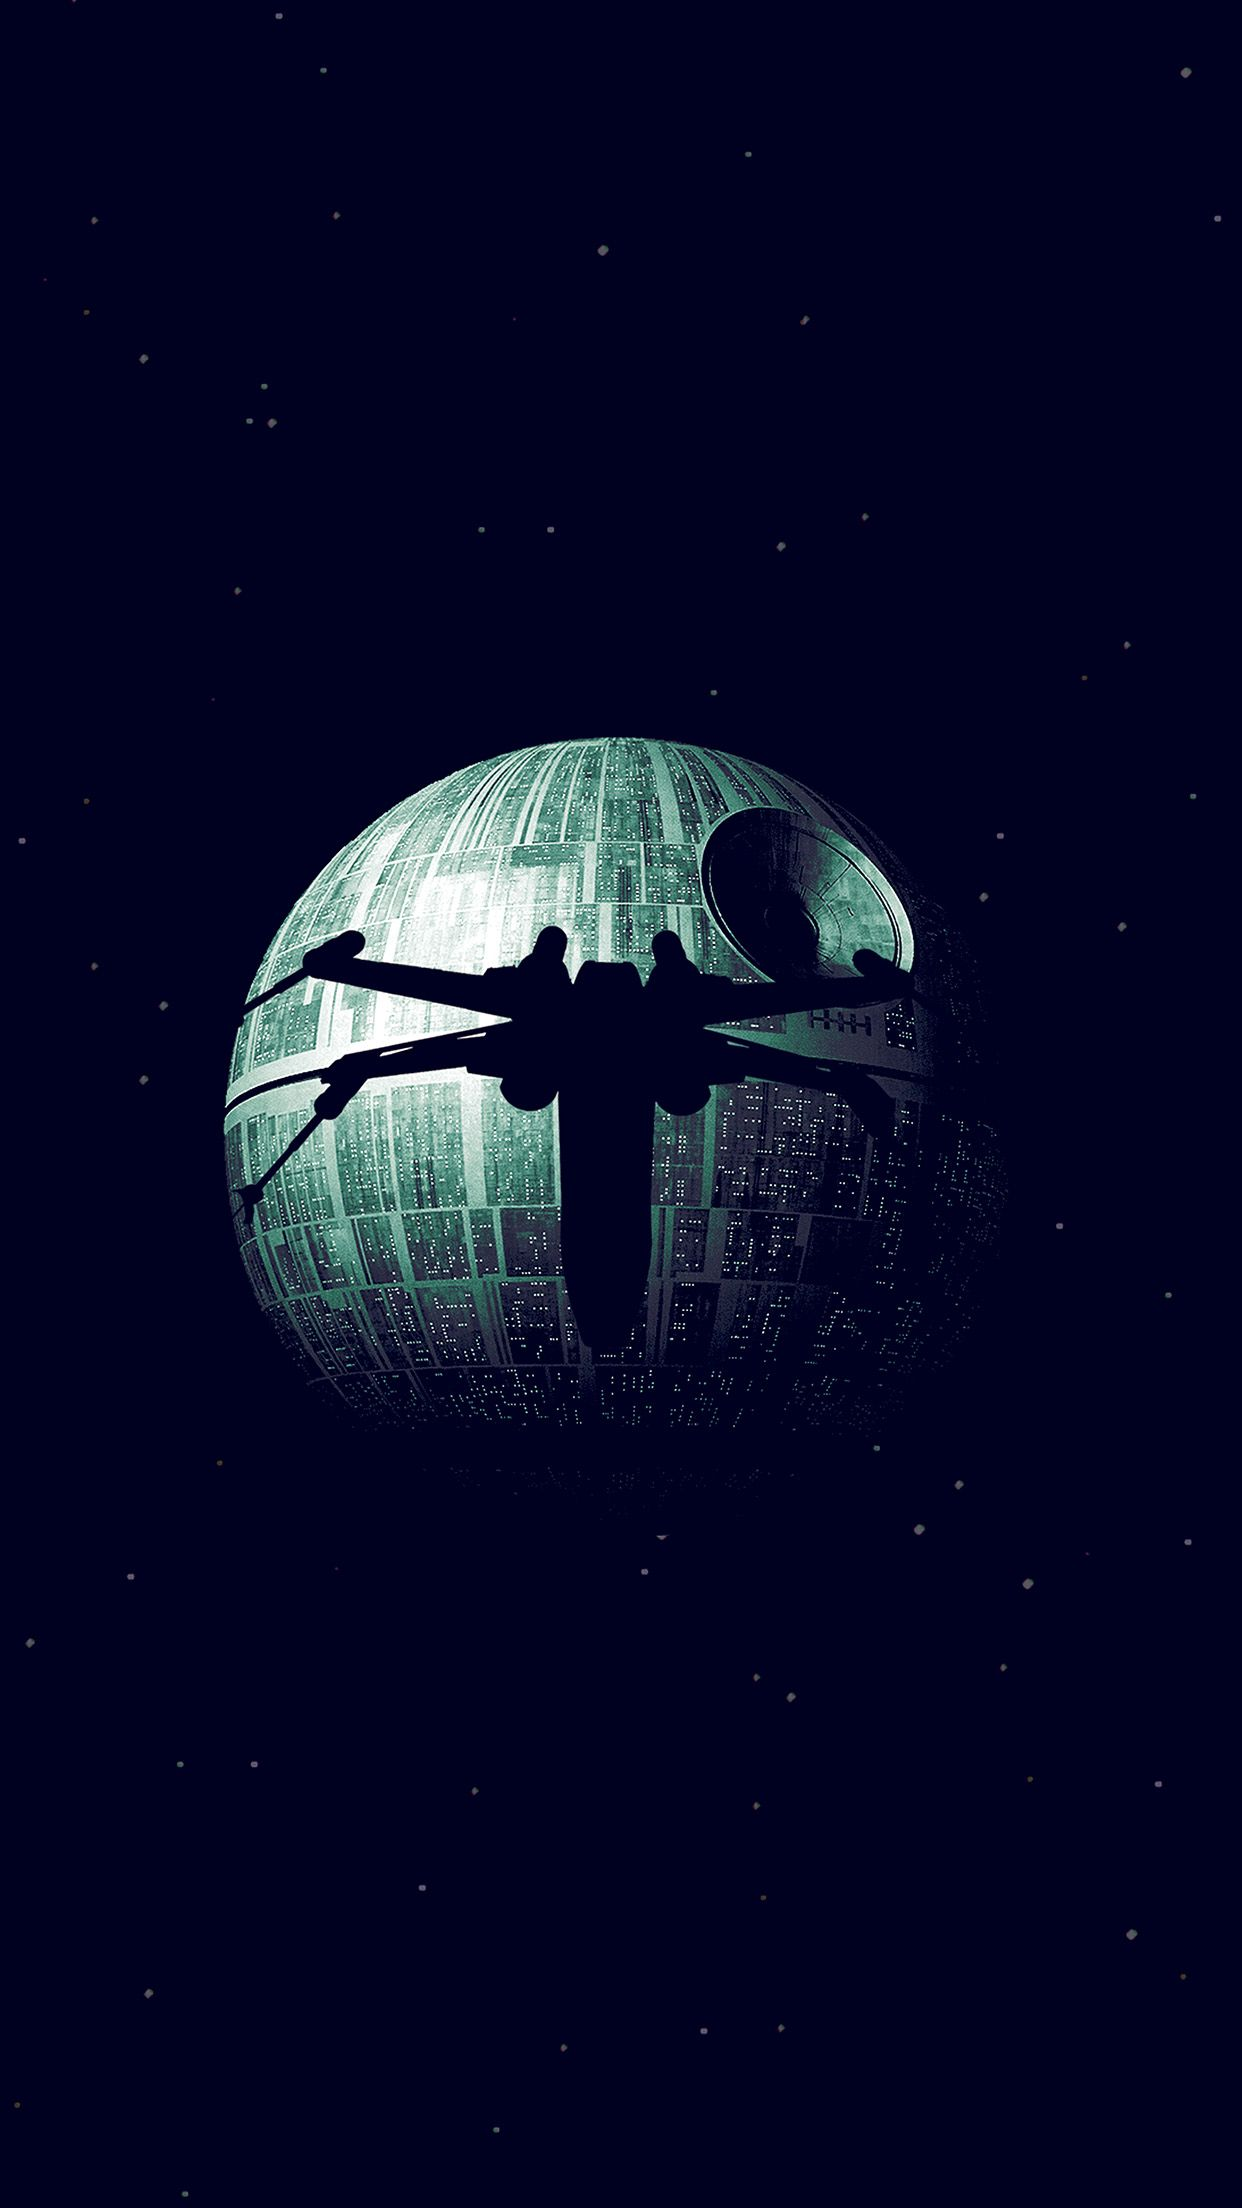 Cute Star Wars Iphone Wallpapers Top Free Cute Star Wars Iphone Backgrounds Wallpaperaccess